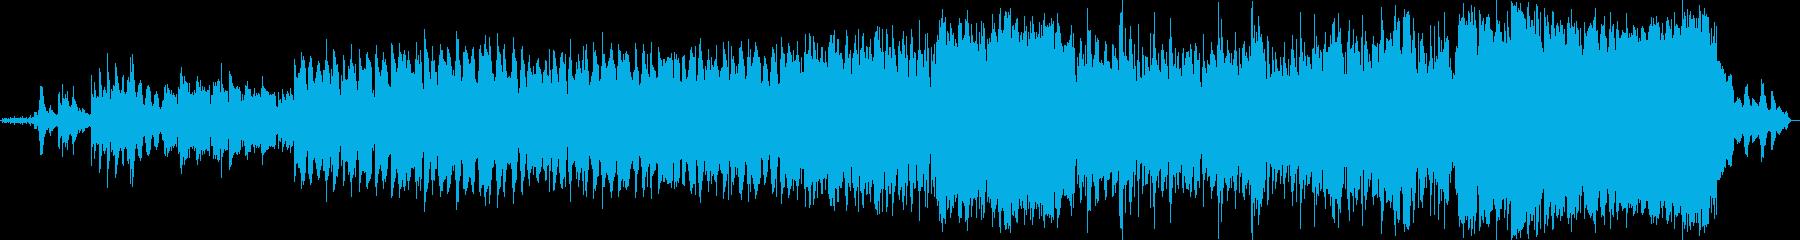 安らぎのヒーリング系ミュージックの再生済みの波形